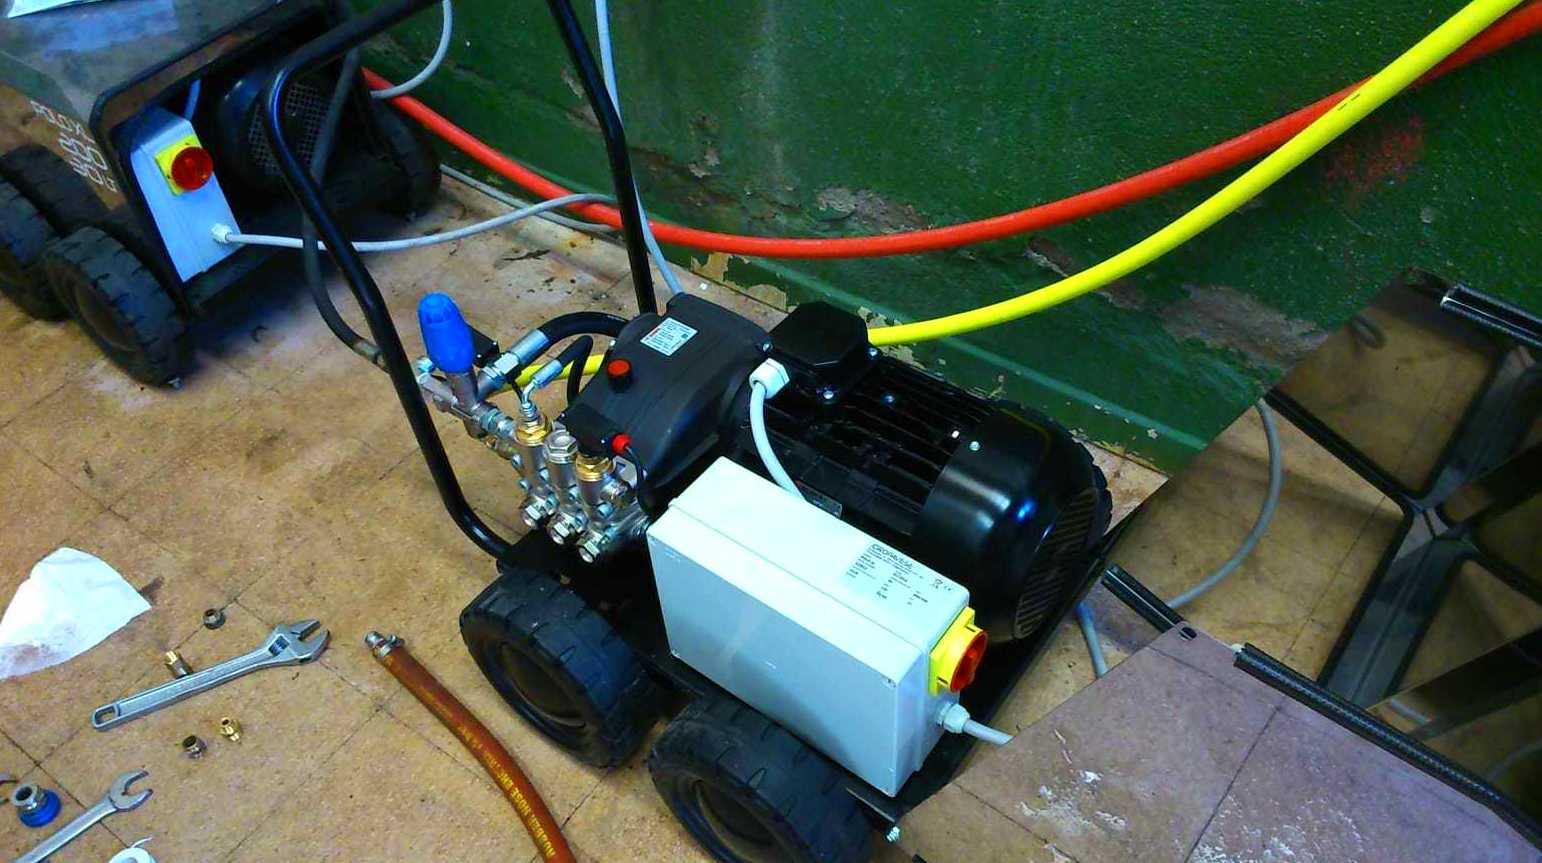 Foto 7 de Venta, reparación y alquiler de maquinara de limpieza en Salamanca | Tecnocleaner